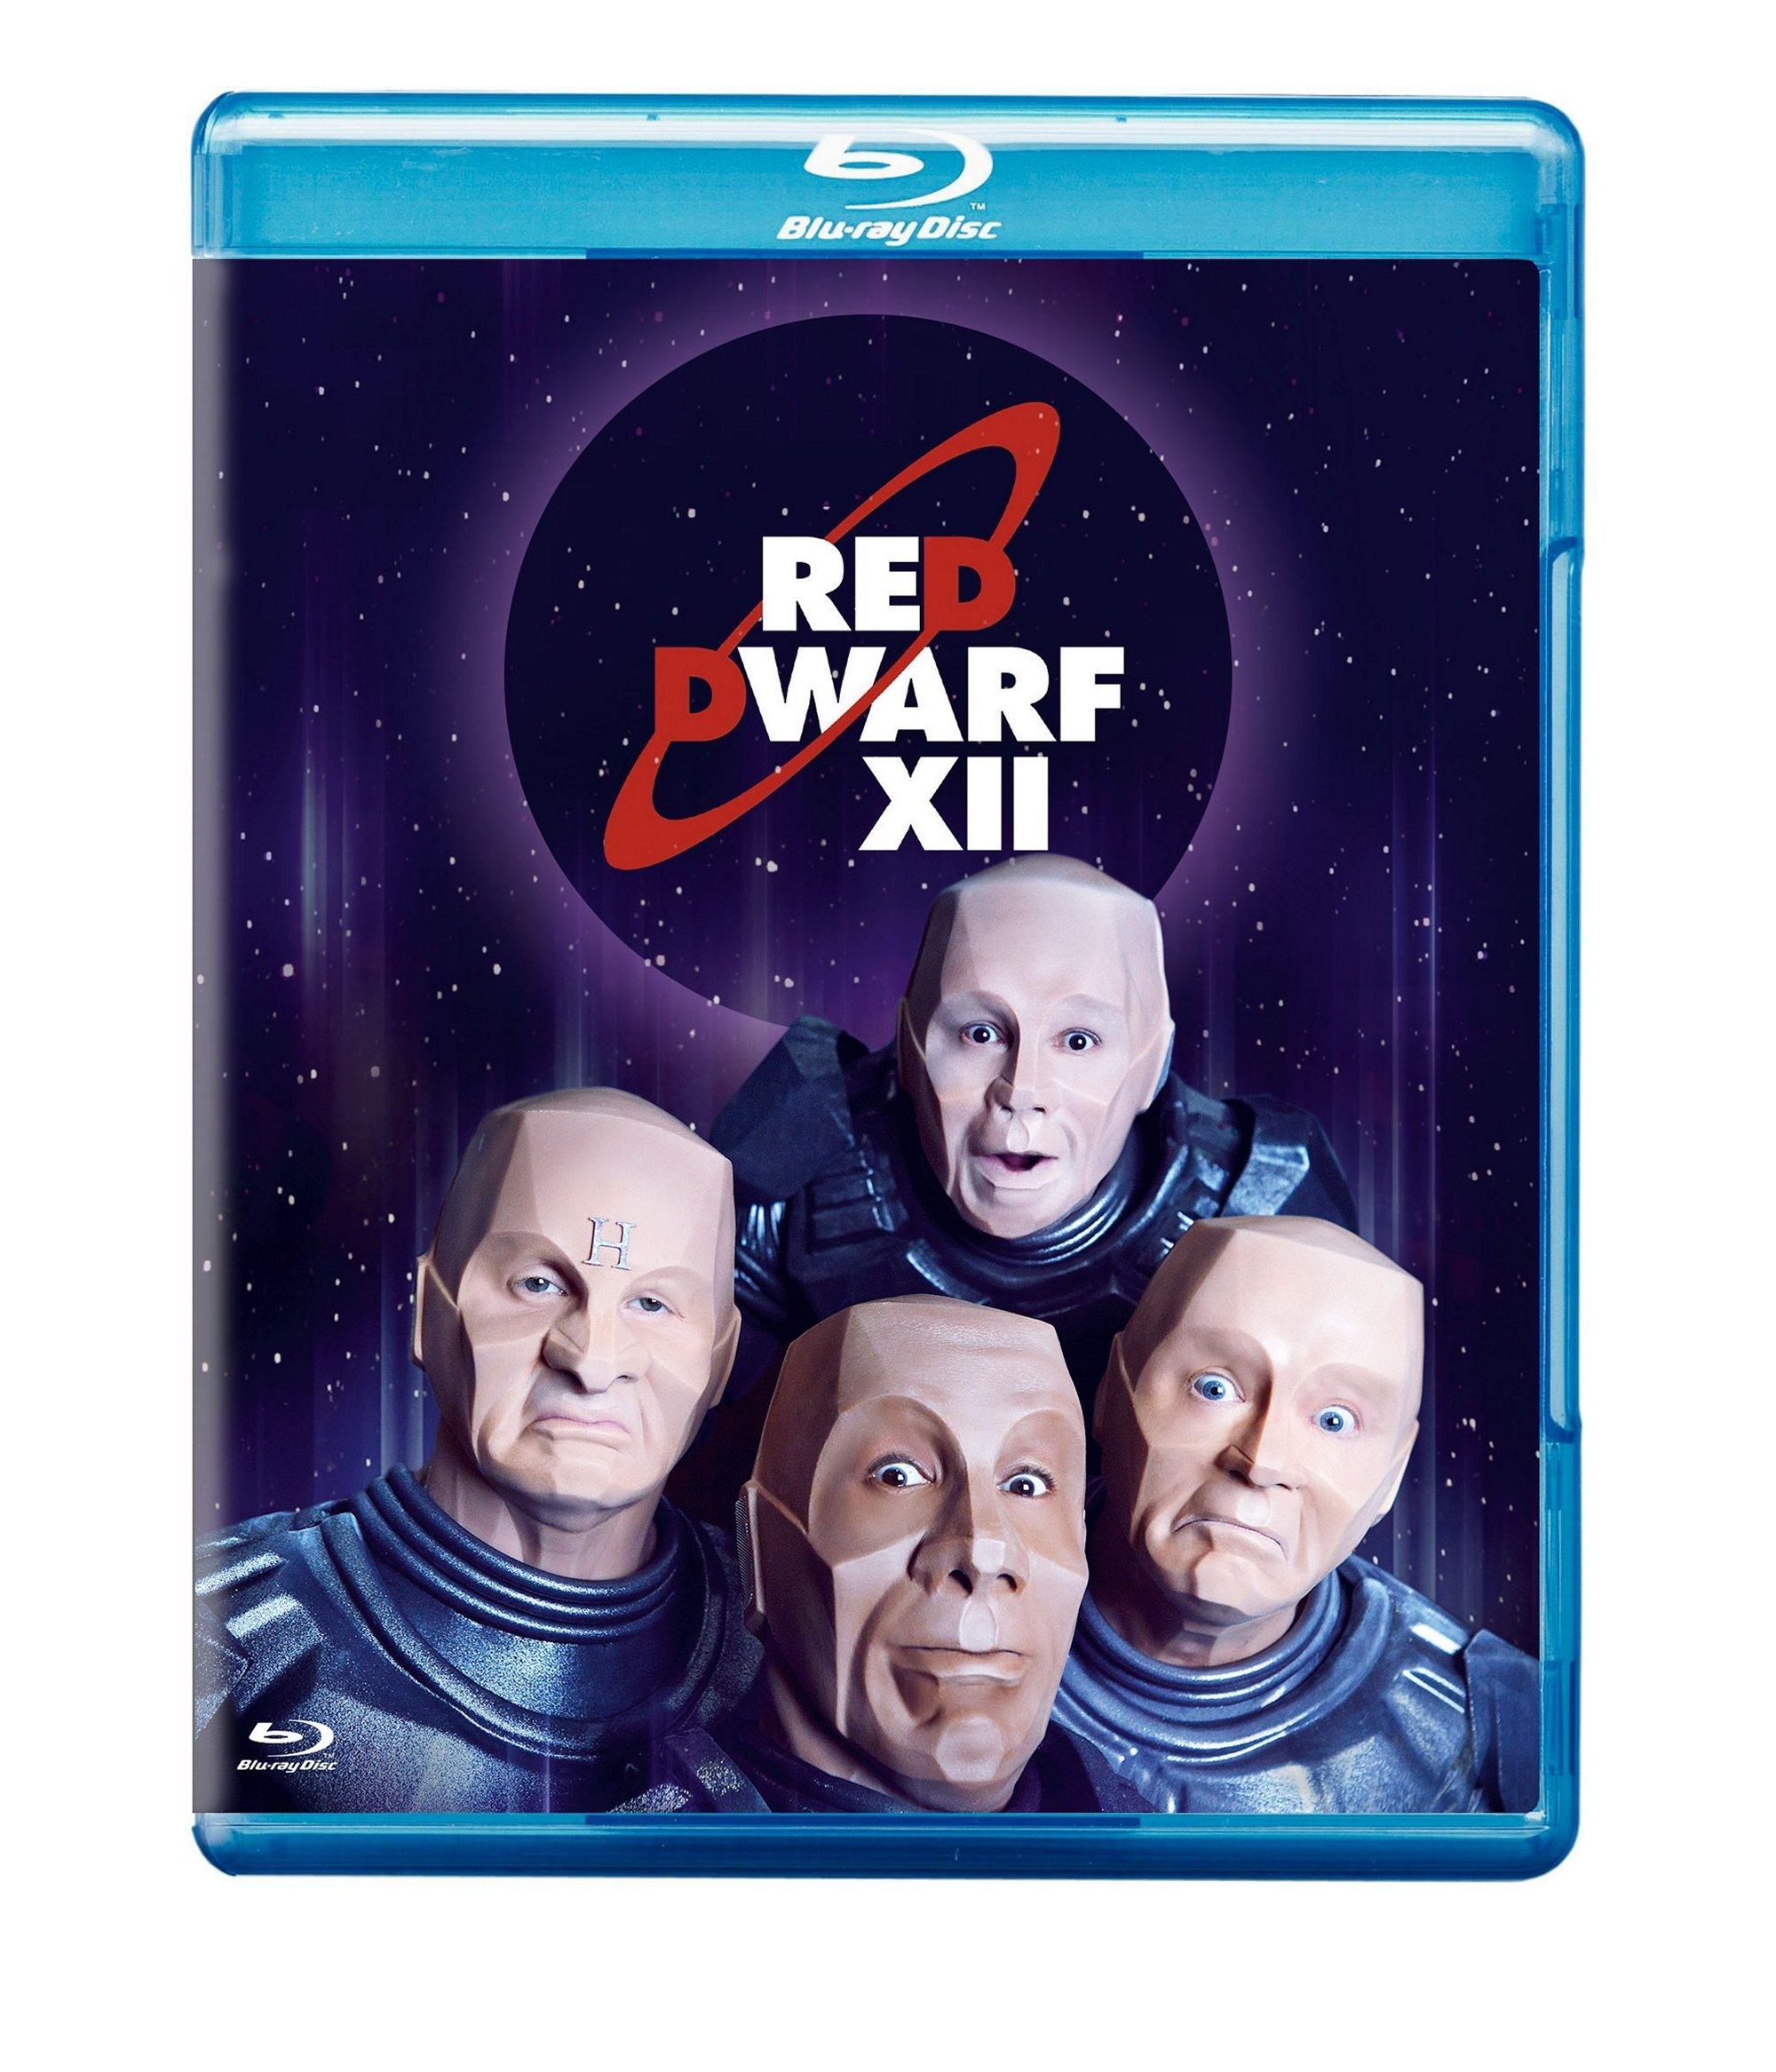 Blu-ray : Red Dwarf XII (Eco Amaray Case)